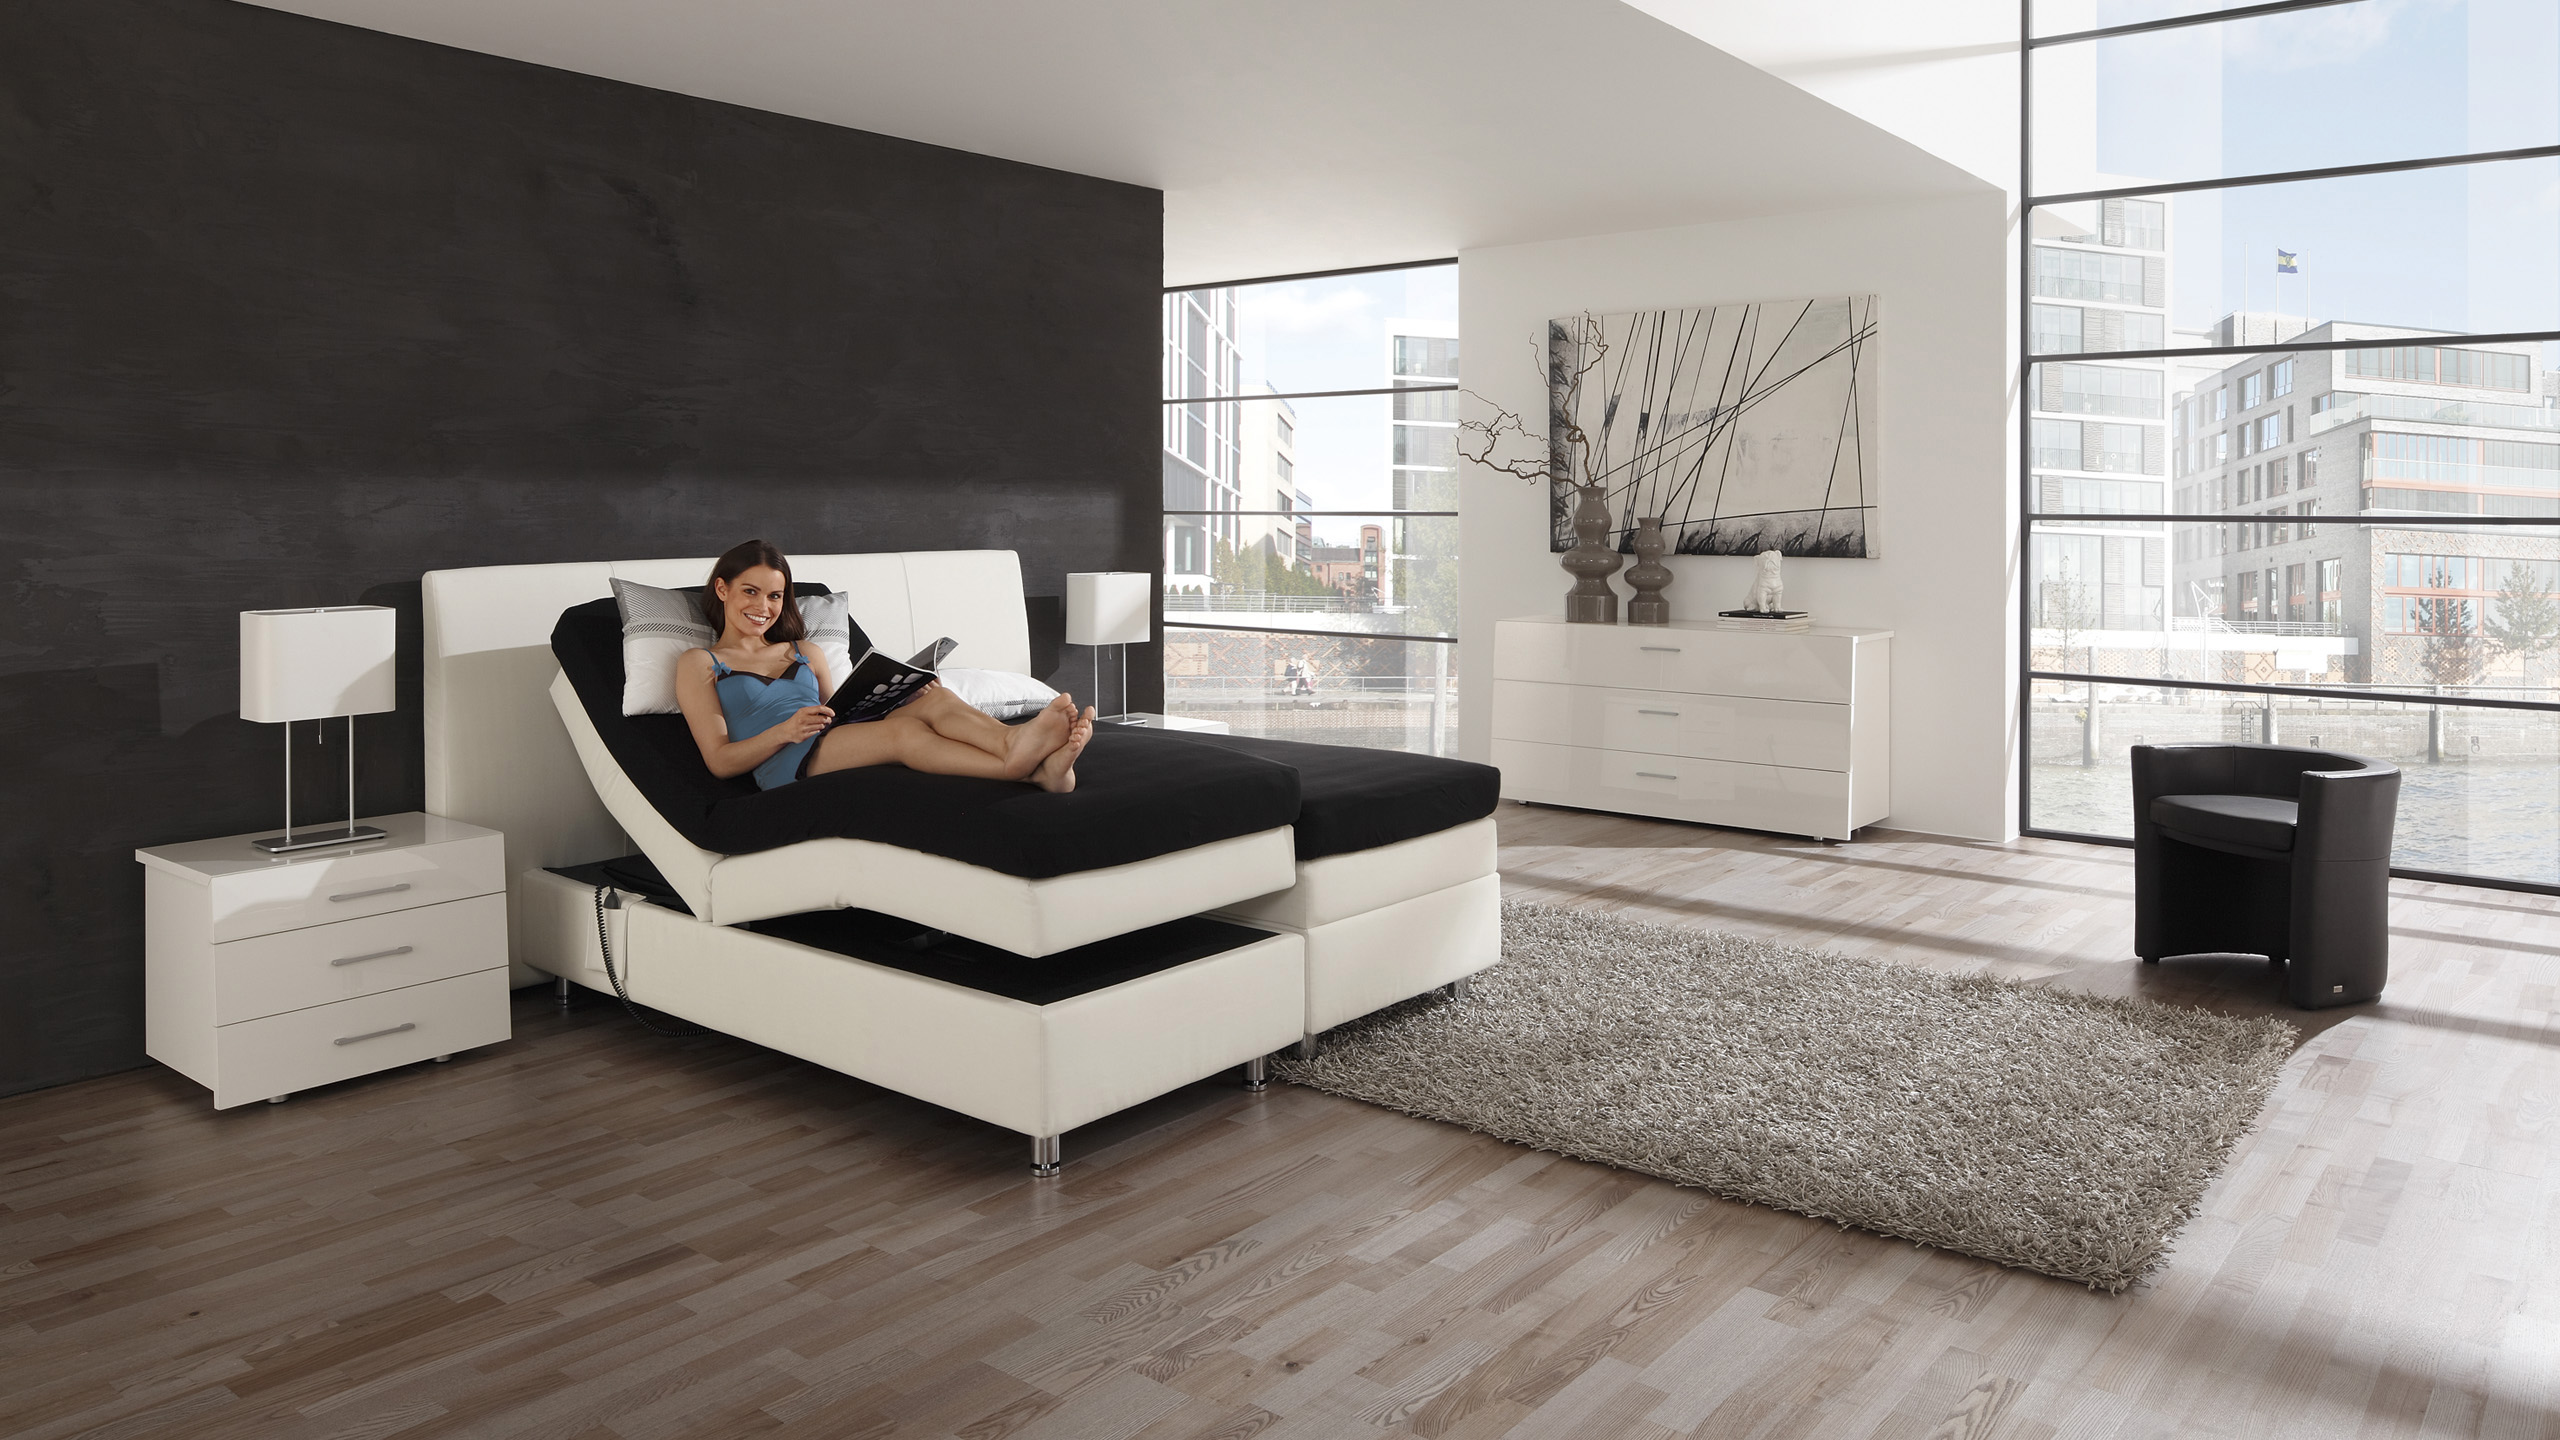 Full Size of Bett Ohne Füße Schlafzimmer Mbelland Hochtaunus Bad Homburg Frankfurt Futon Begehbare Dusche Tür Bettwäsche Sprüche 140x200 Kopfteil Mit Matratze Und Bett Bett Ohne Füße